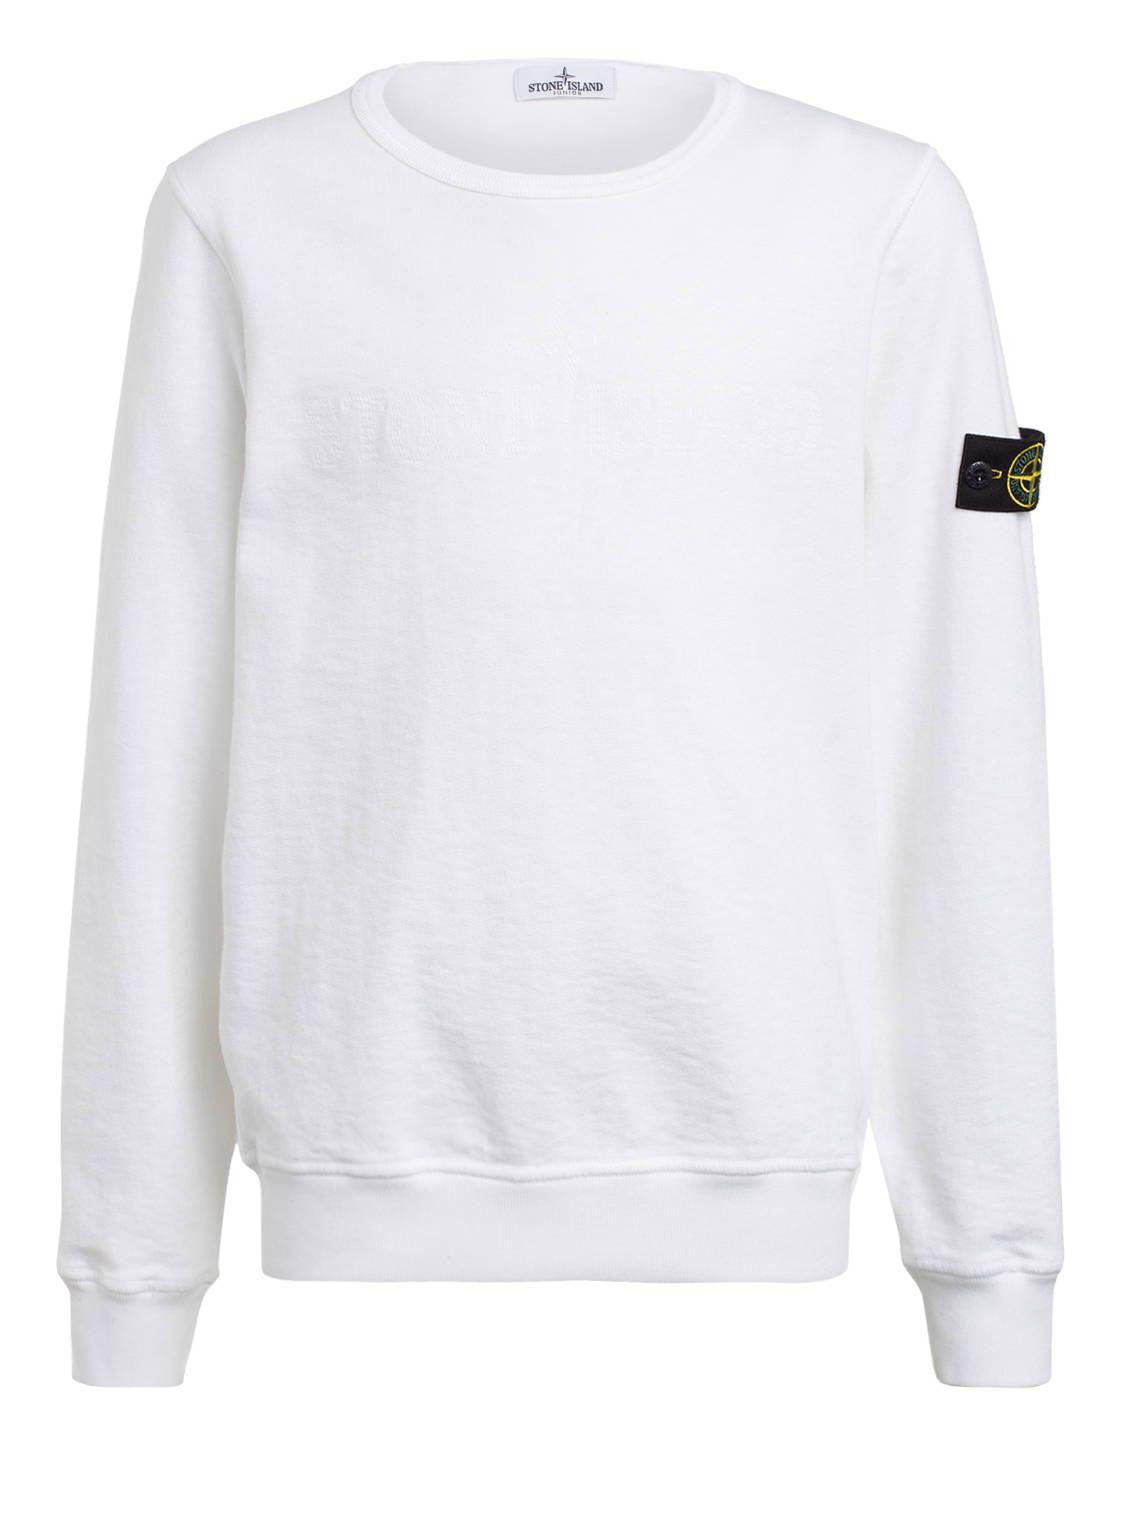 Sweatshirt Von Stone Island Junior Bei Breuninger Kaufen In 2020 Steininsel Breuninger Und Wolle Kaufen